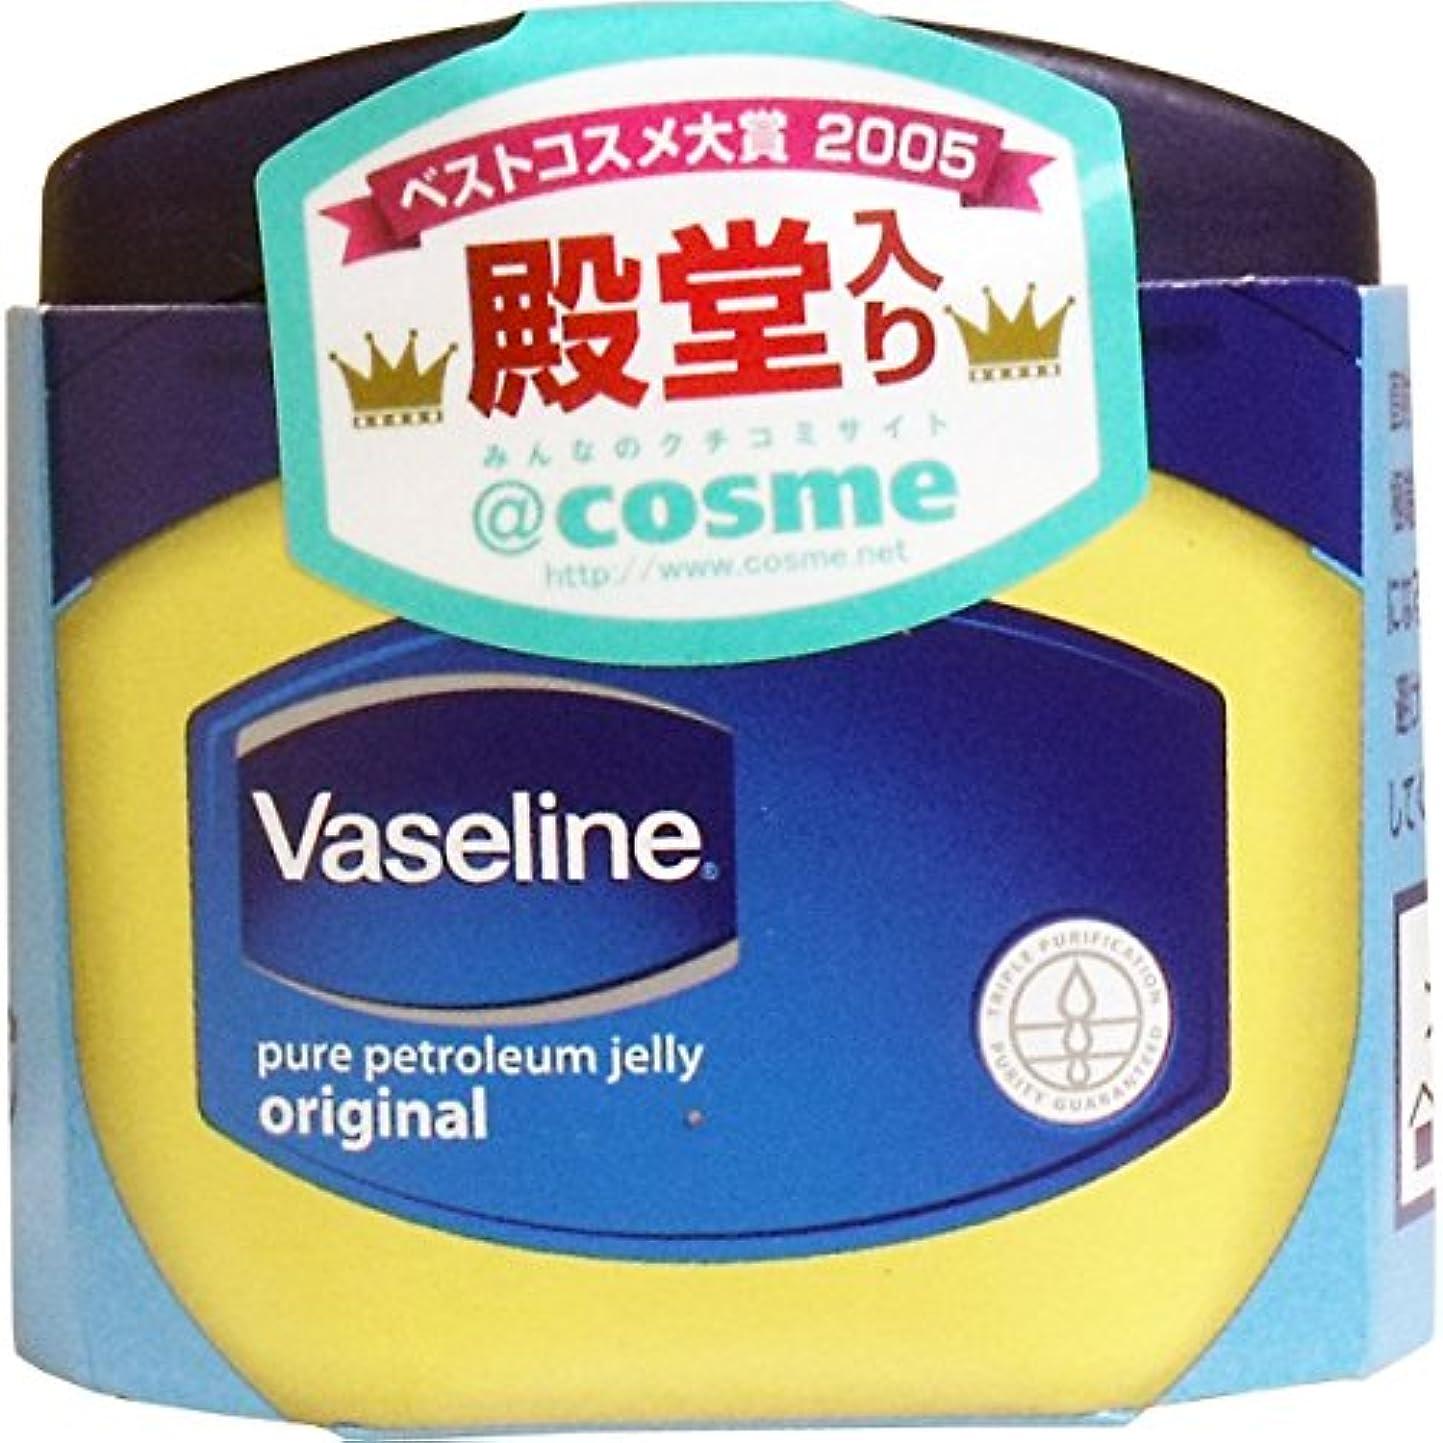 修羅場ドーム野生【Vaseline】ヴァセリン ピュアスキンジェリー (スキンオイル) 40g ×5個セット